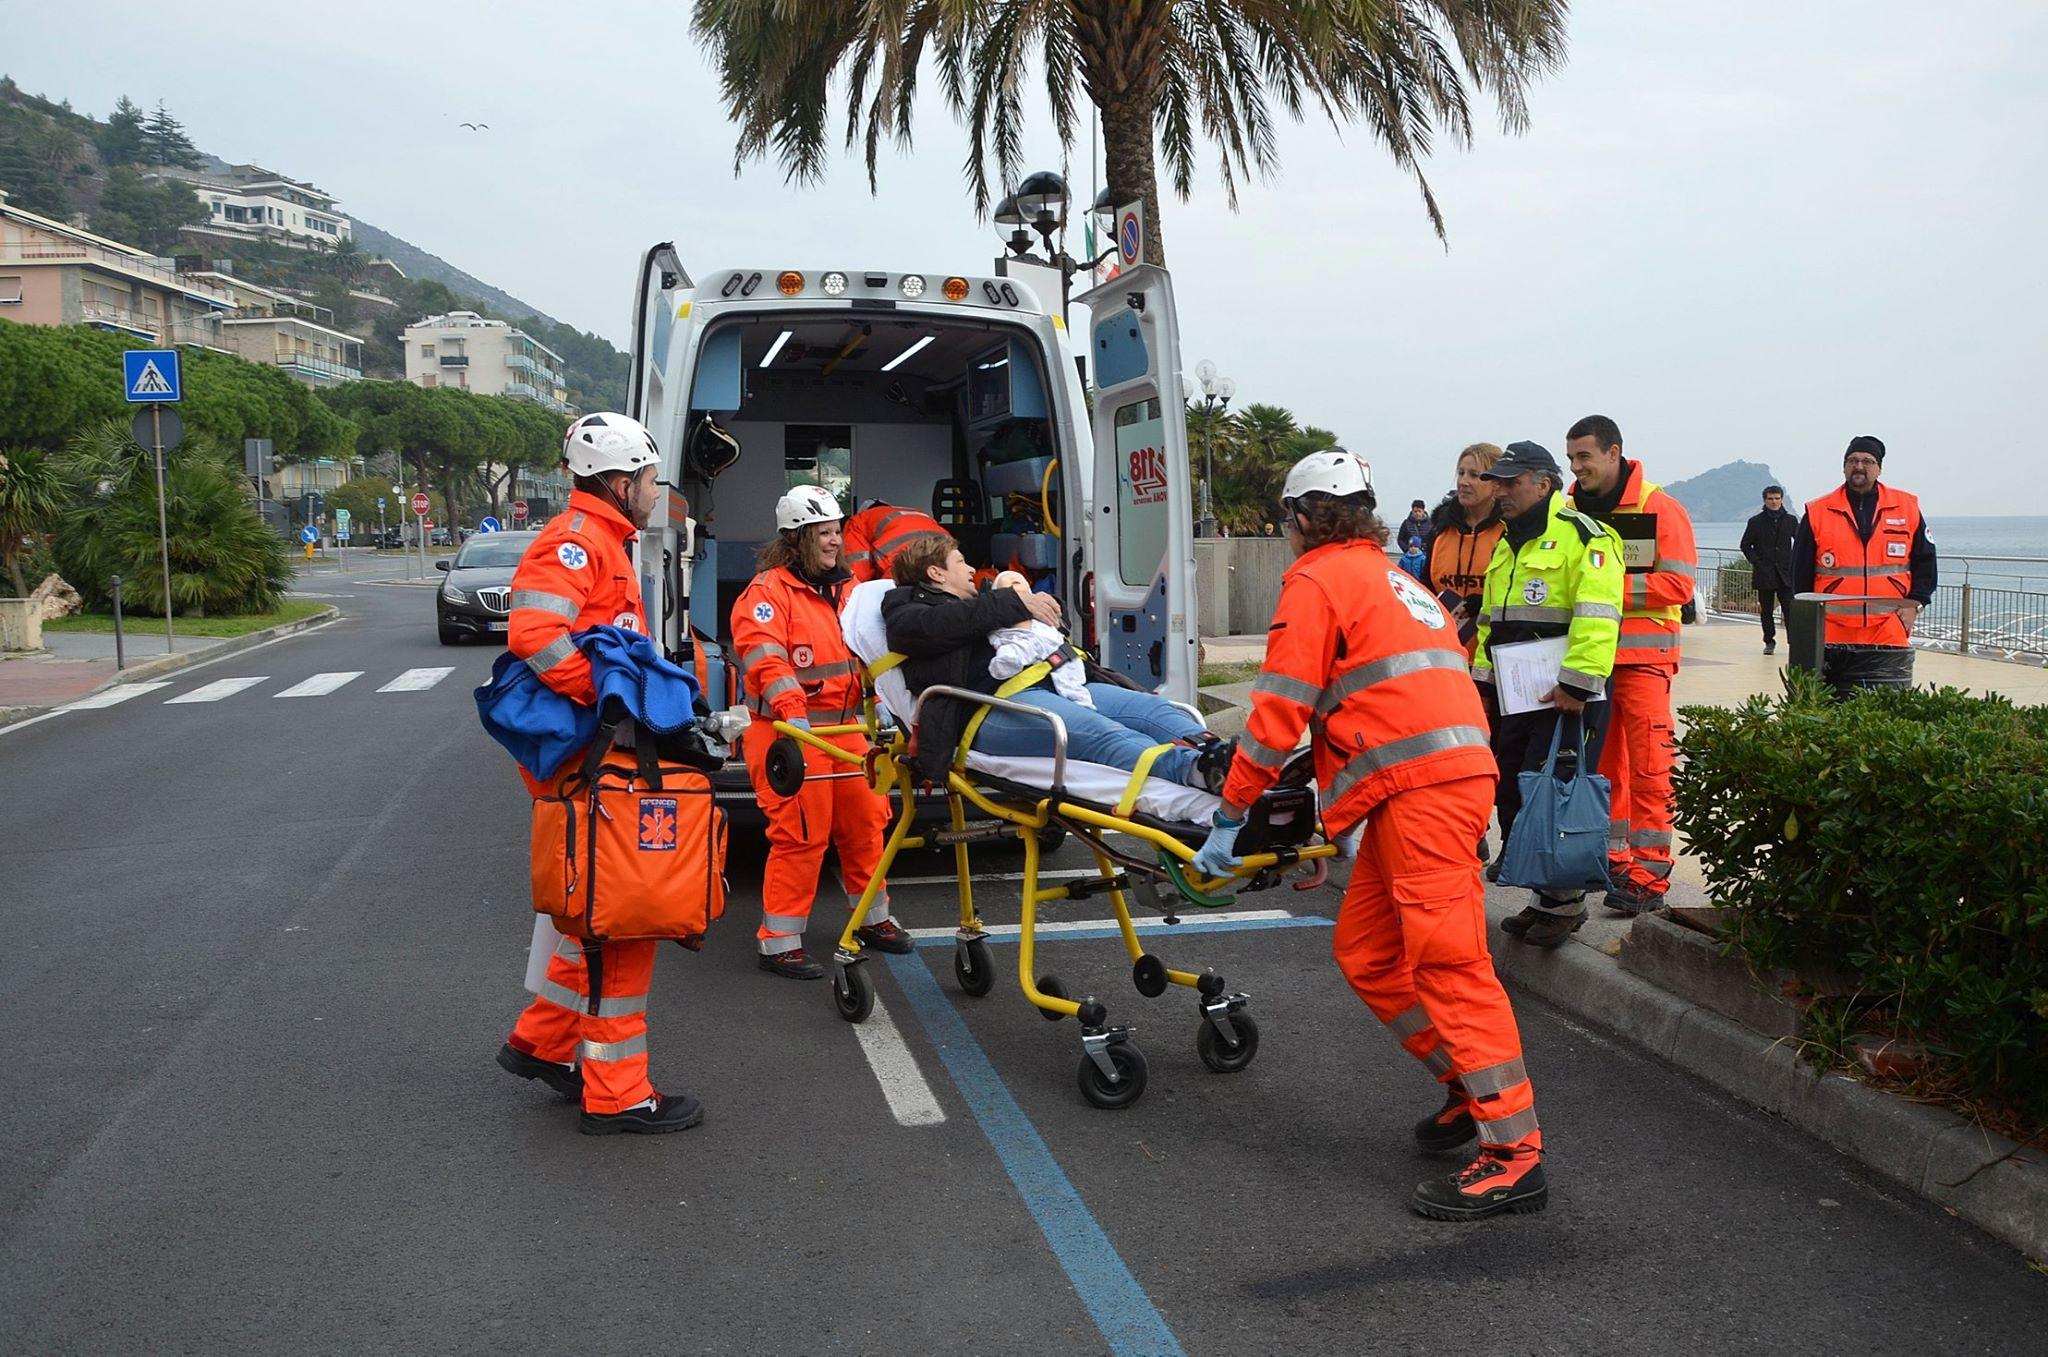 Triathlon del Soccorso di Spotorno: la fotogallery | Emergency Live 14